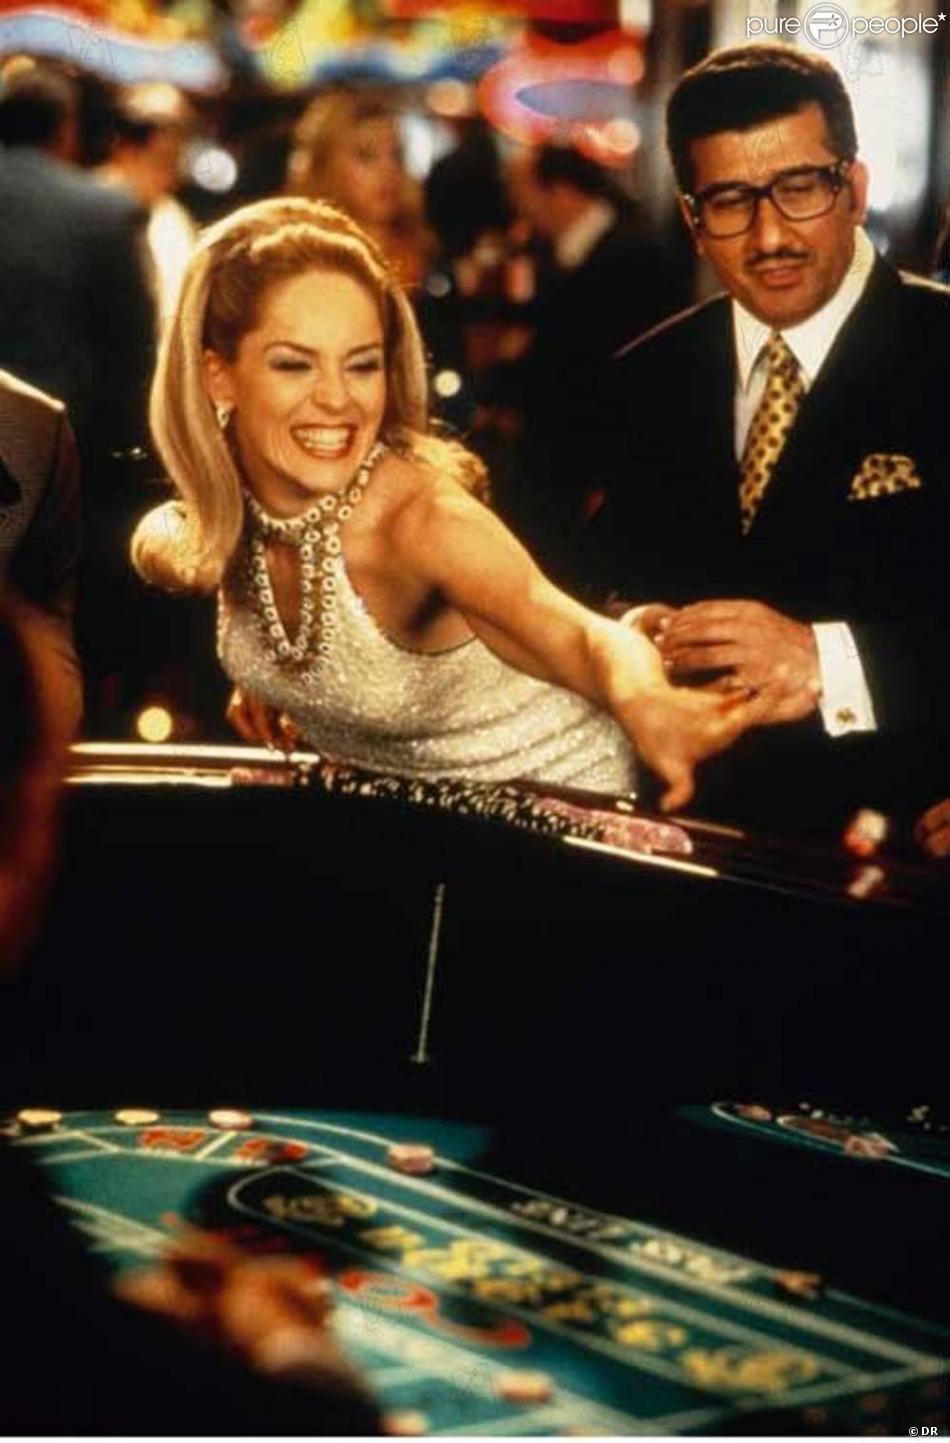 casino film sharon stone